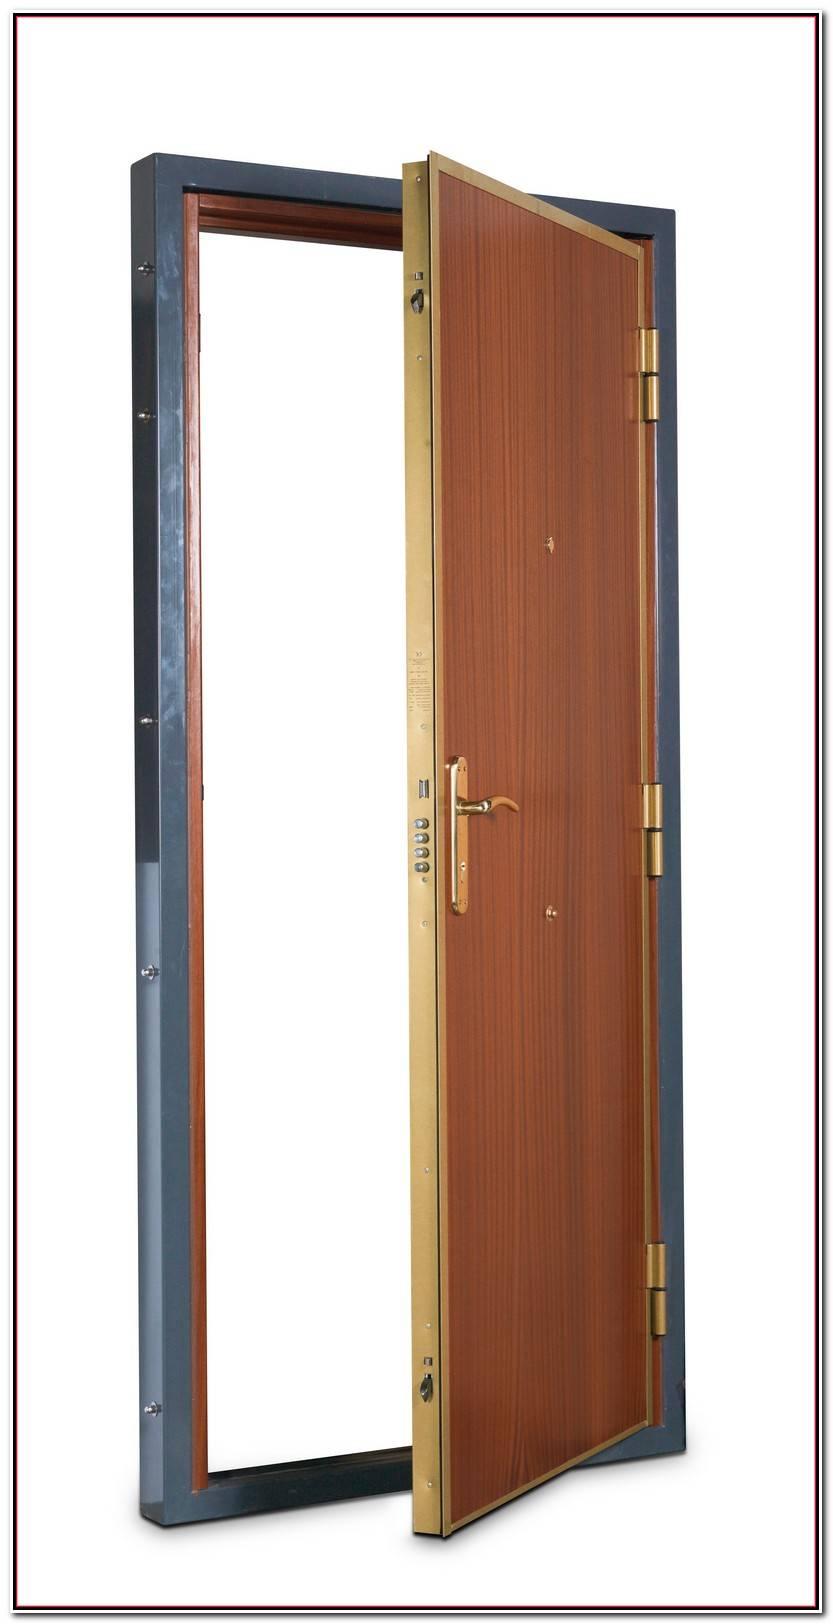 Lujo Puertas Acorazadas Tesa Colección De Puertas Estilo